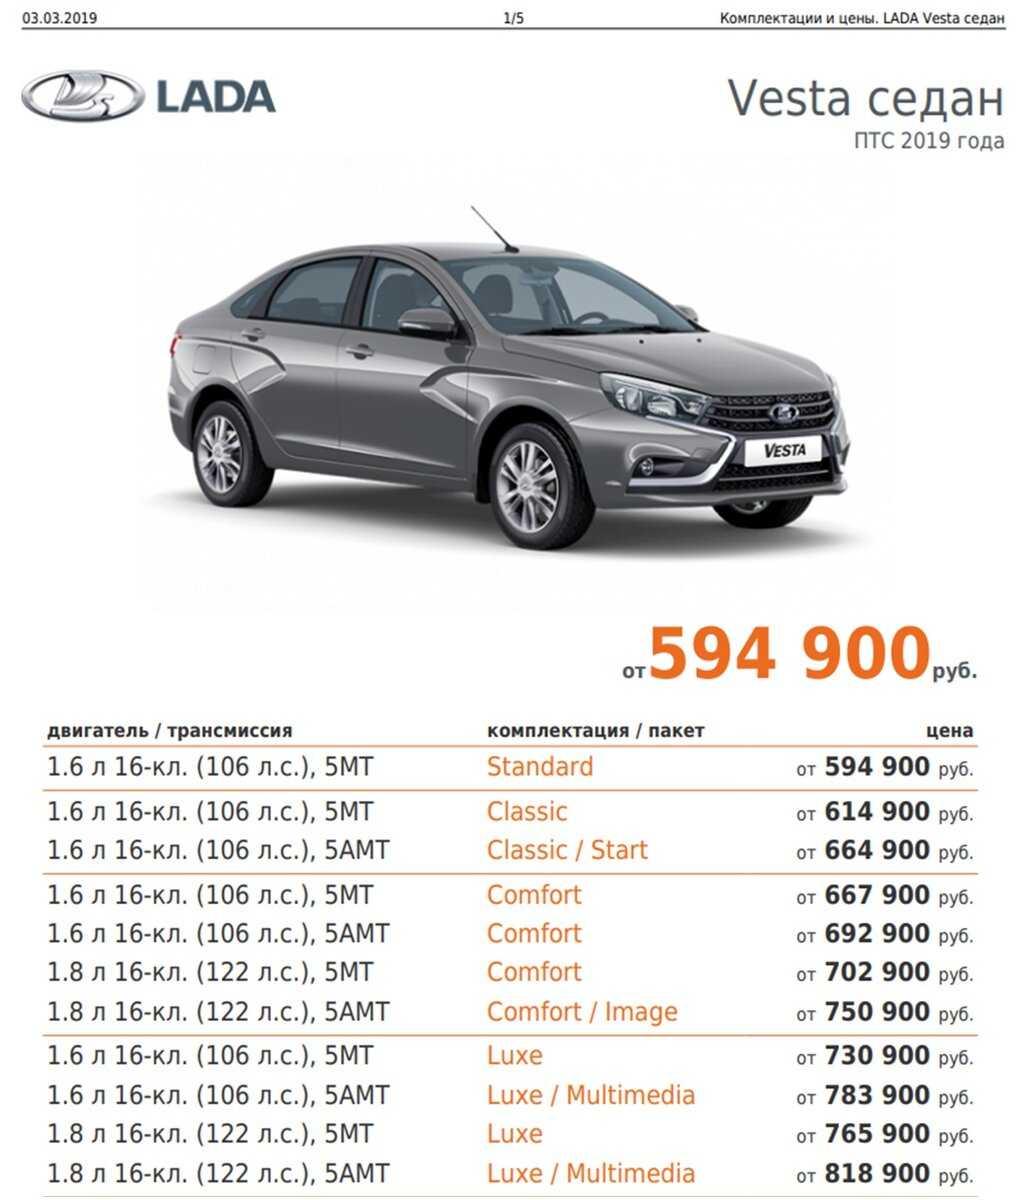 Лада vesta 2020, продав свою весту седан 17 года с пробегом 90 тысяч и барабанной комплектацией, кузов универсал, передний привод, вариатор, расход 6.8, 113 л.с.